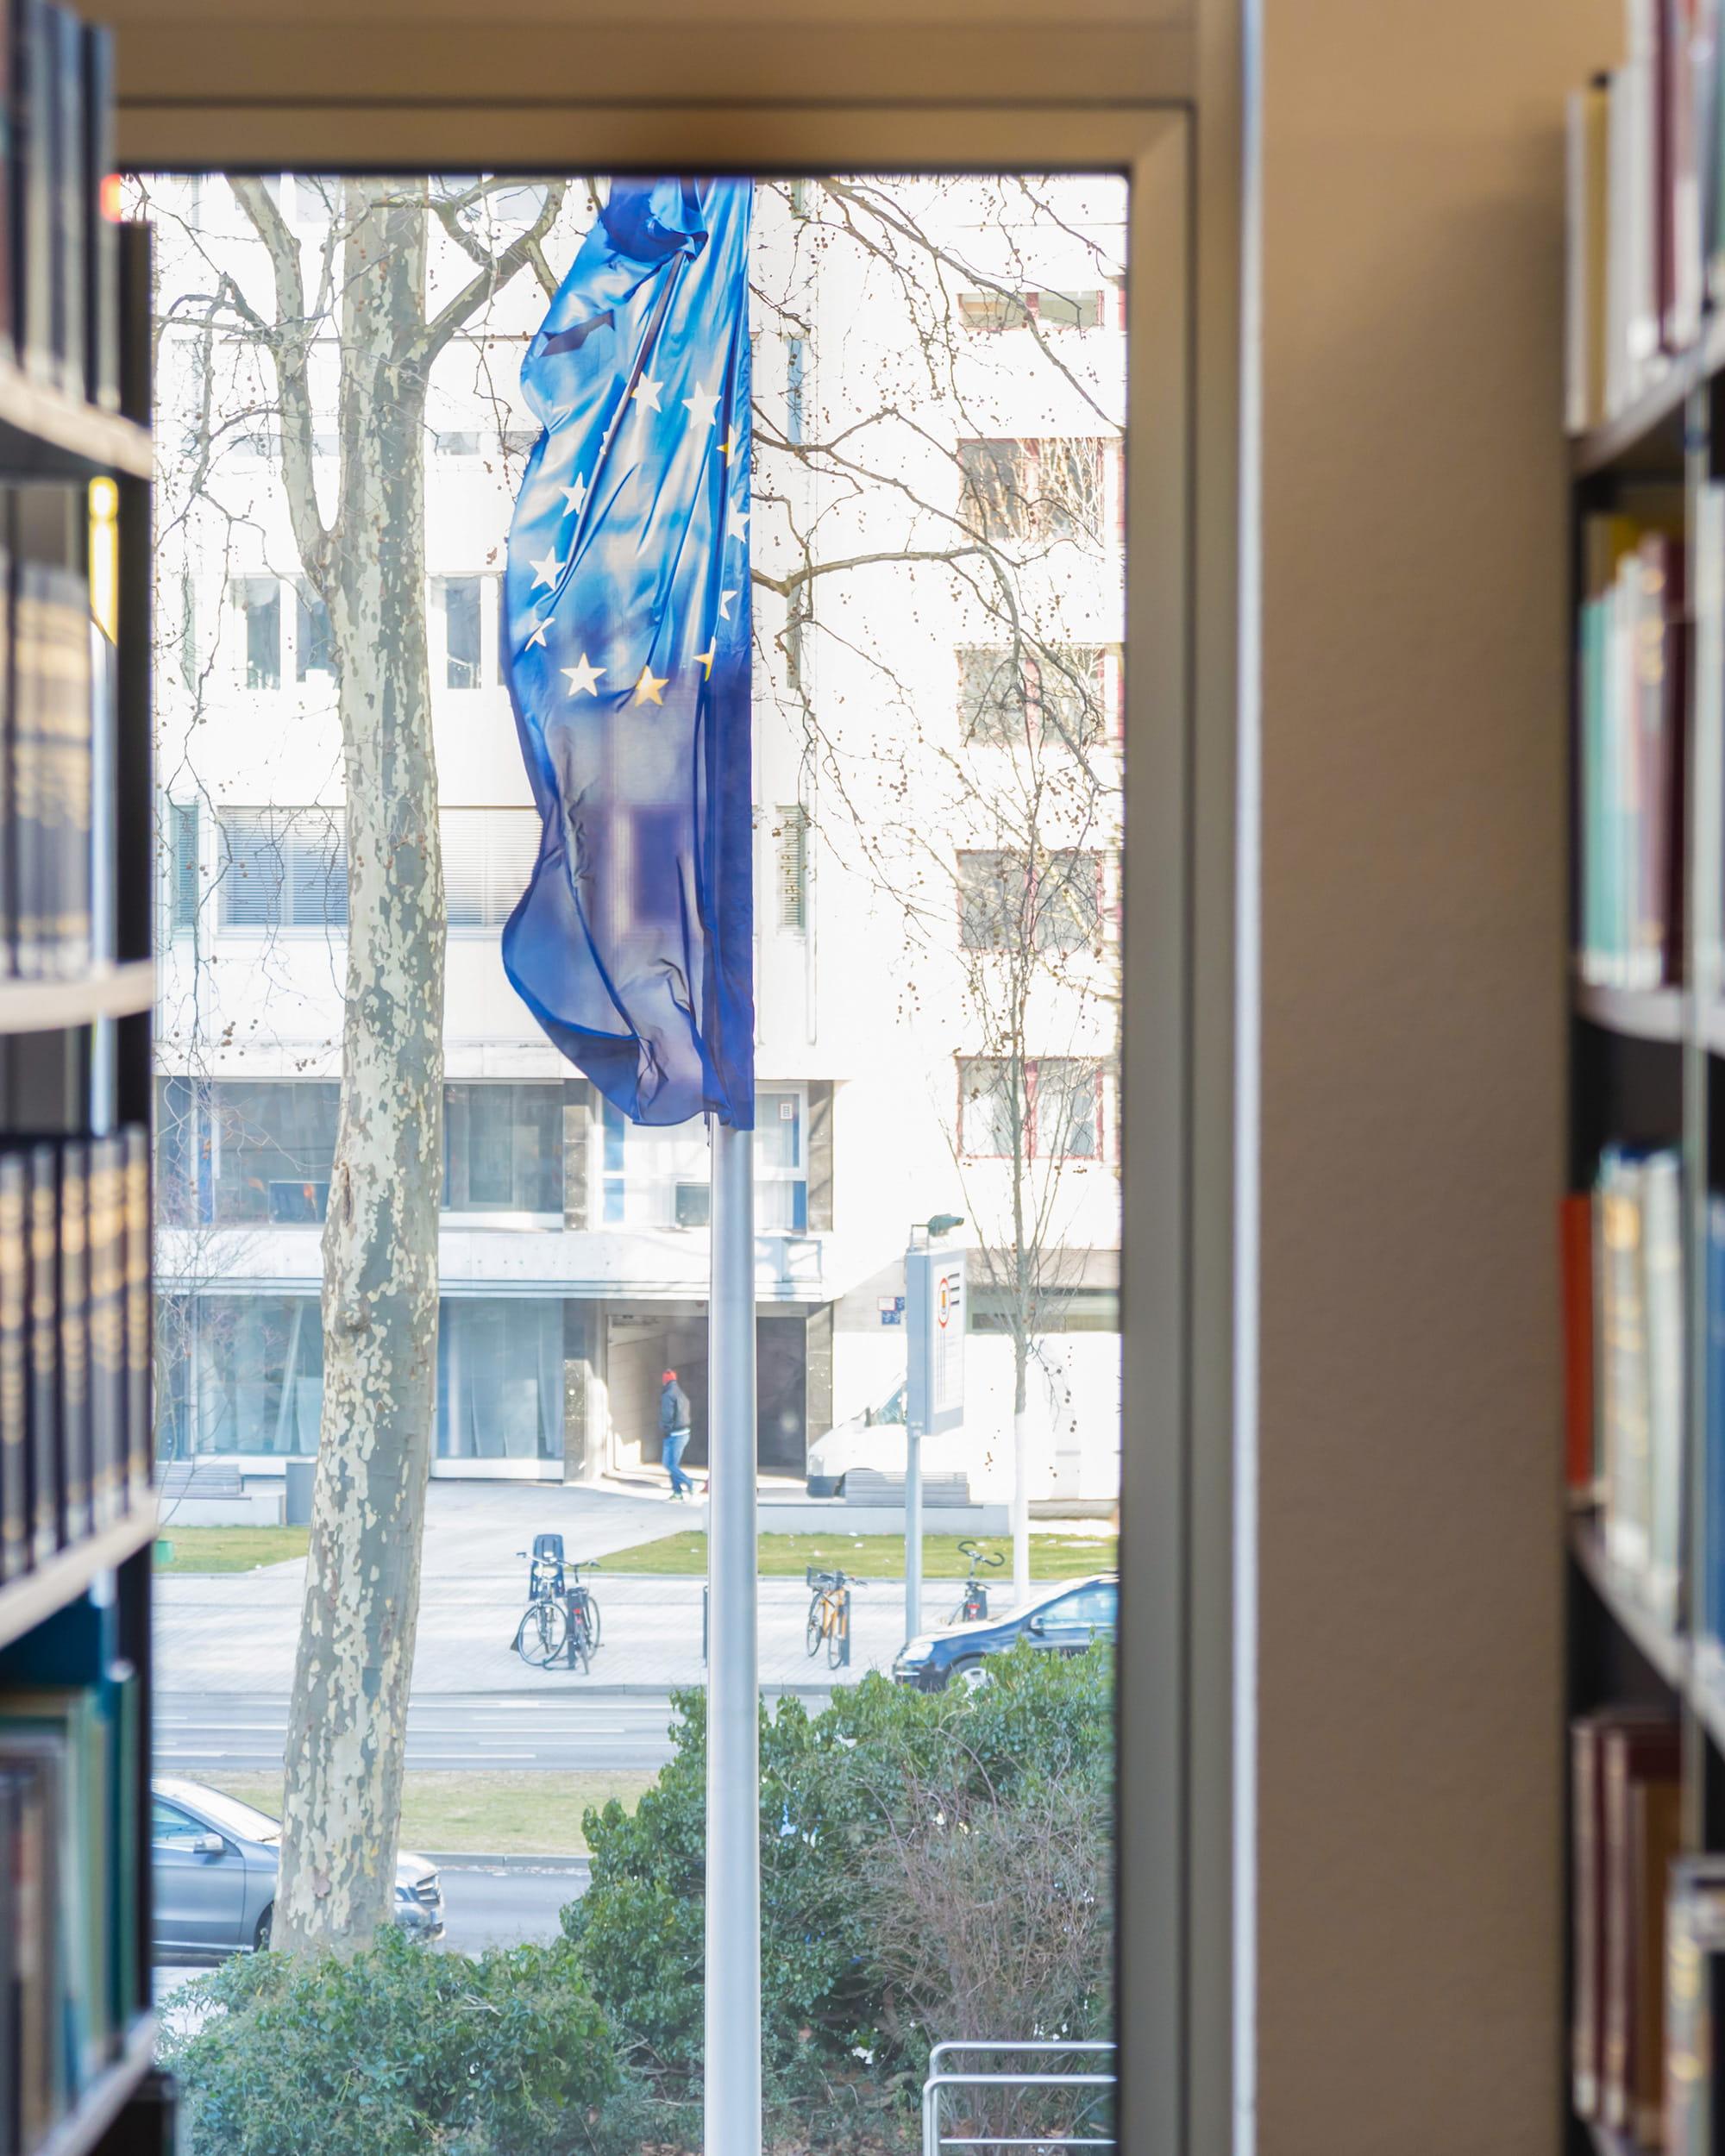 Internationales Privatrecht, Internationales Zivilverfahrensrecht